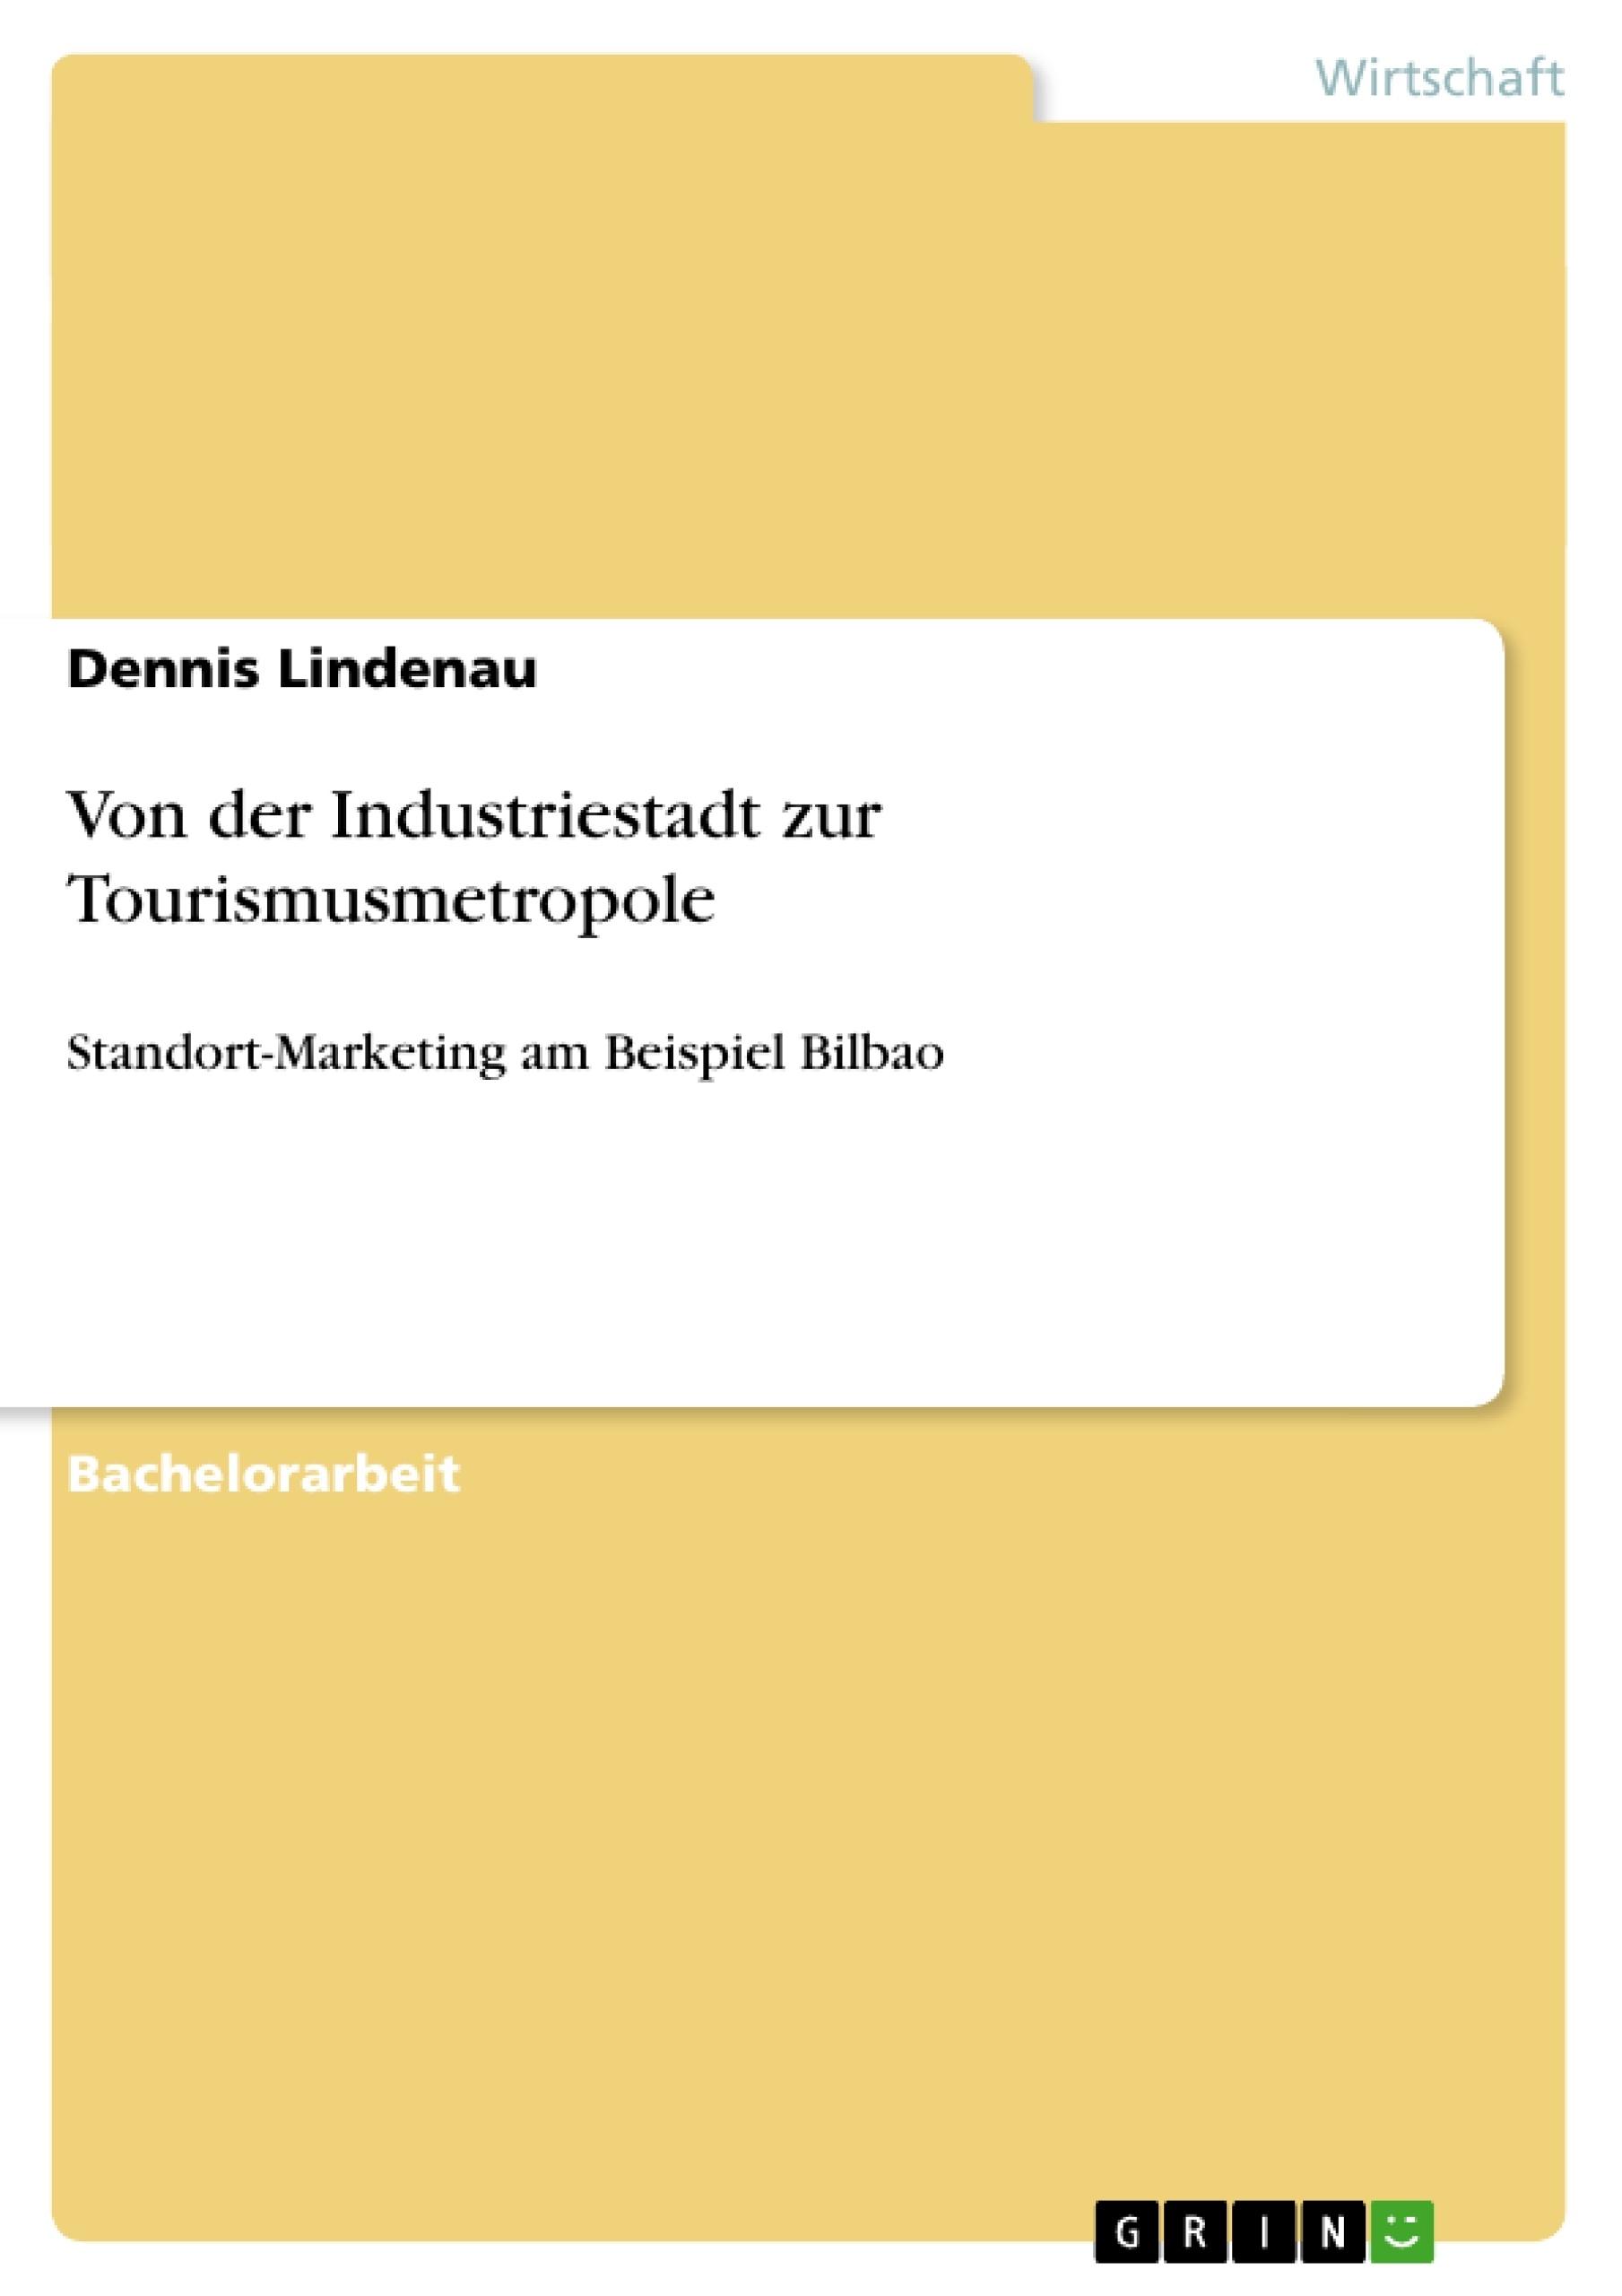 Titel: Von der Industriestadt zur Tourismusmetropole